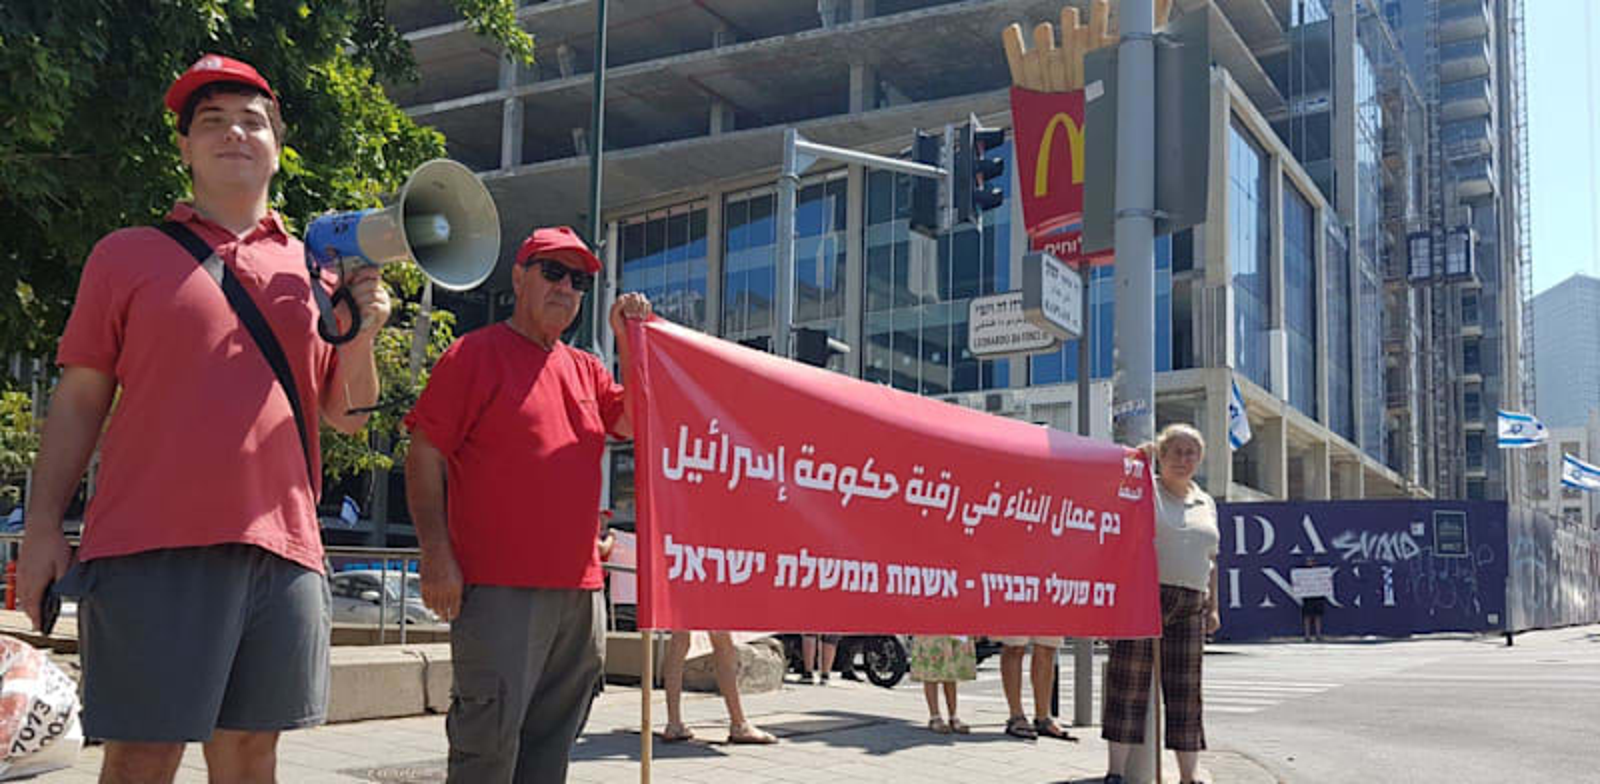 """הפגנה של תנועת חד""""ש במקום שבו נהרג לפני כשבועיים מוסעב אל-נג'די בתאונת עבודה / צילום: חד״ש תל אביב"""